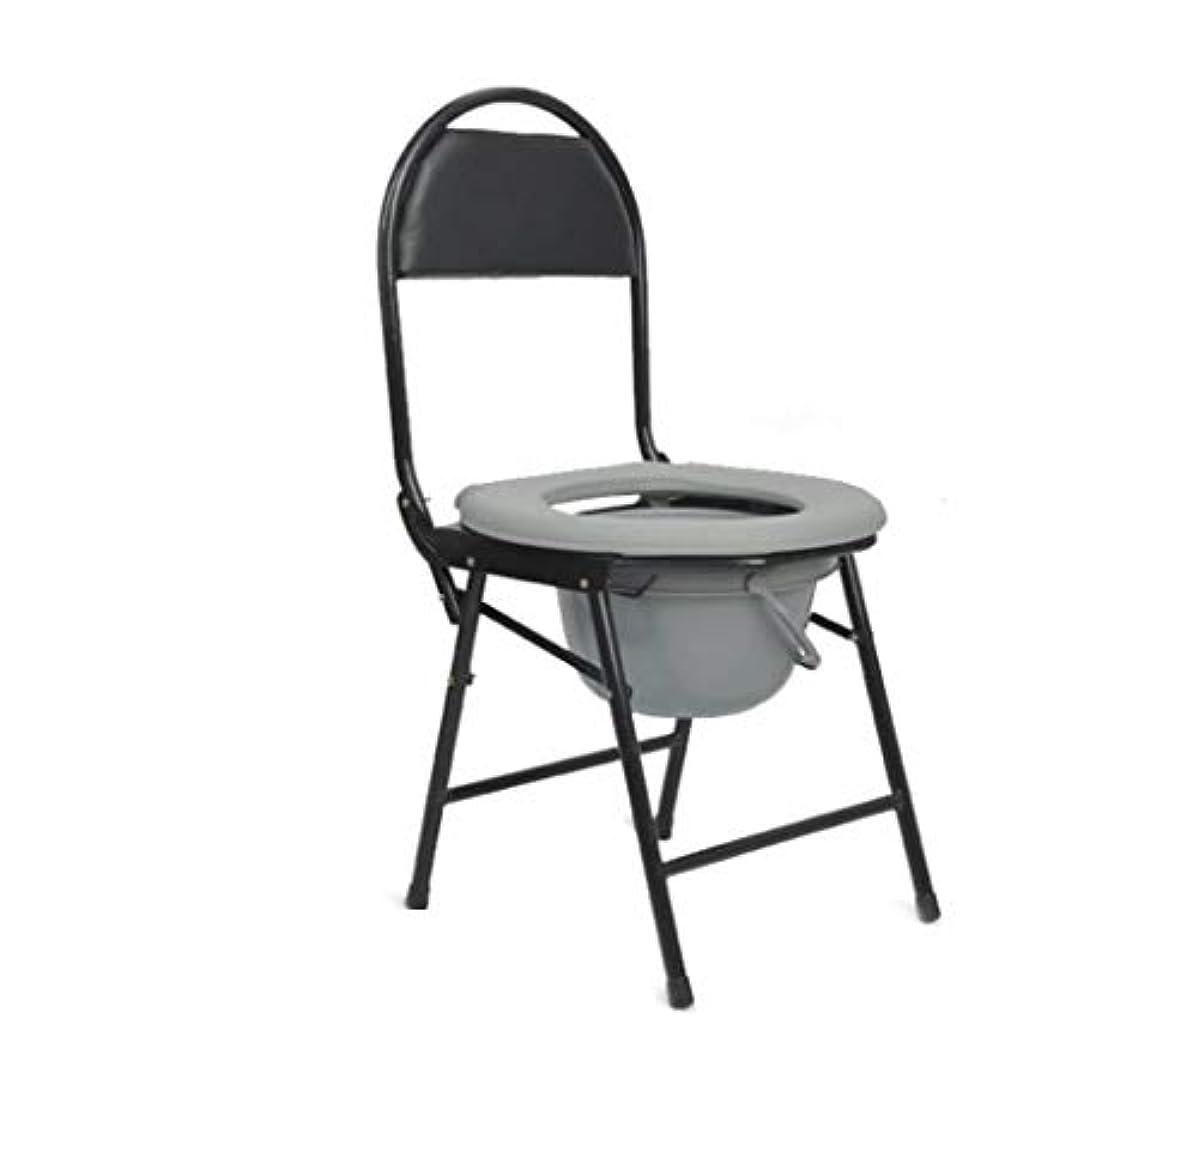 ハロウィン発症定期的折りたたみ式mode椅子とトイレサラウンド、軽量、丈夫、シンプル、高齢者高齢者向けのバスルームサポート、無効